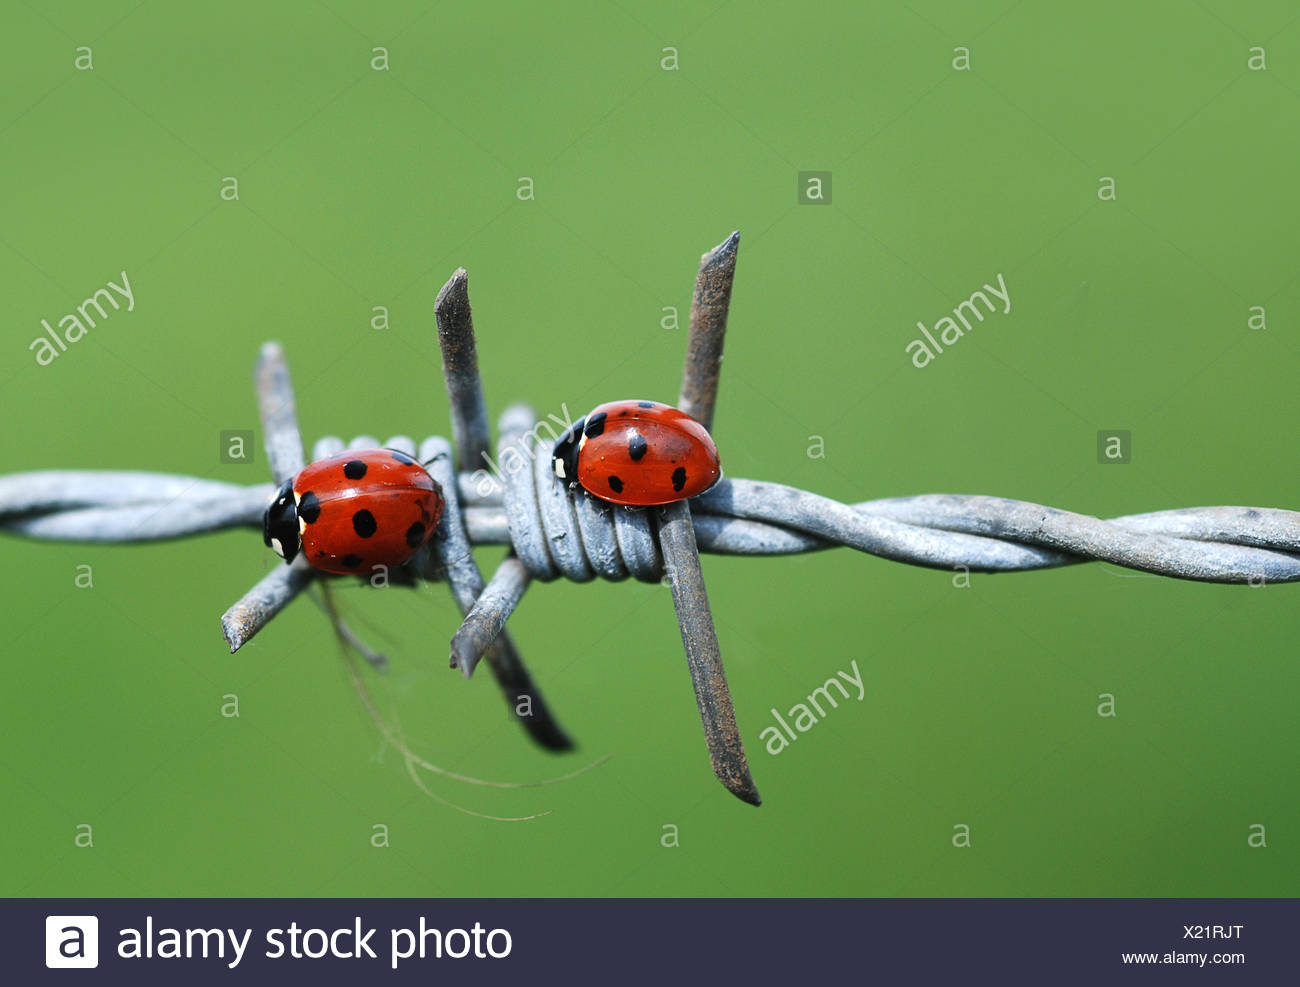 Niedlich Draht Perlen Bugs Bilder - Der Schaltplan - triangre.info